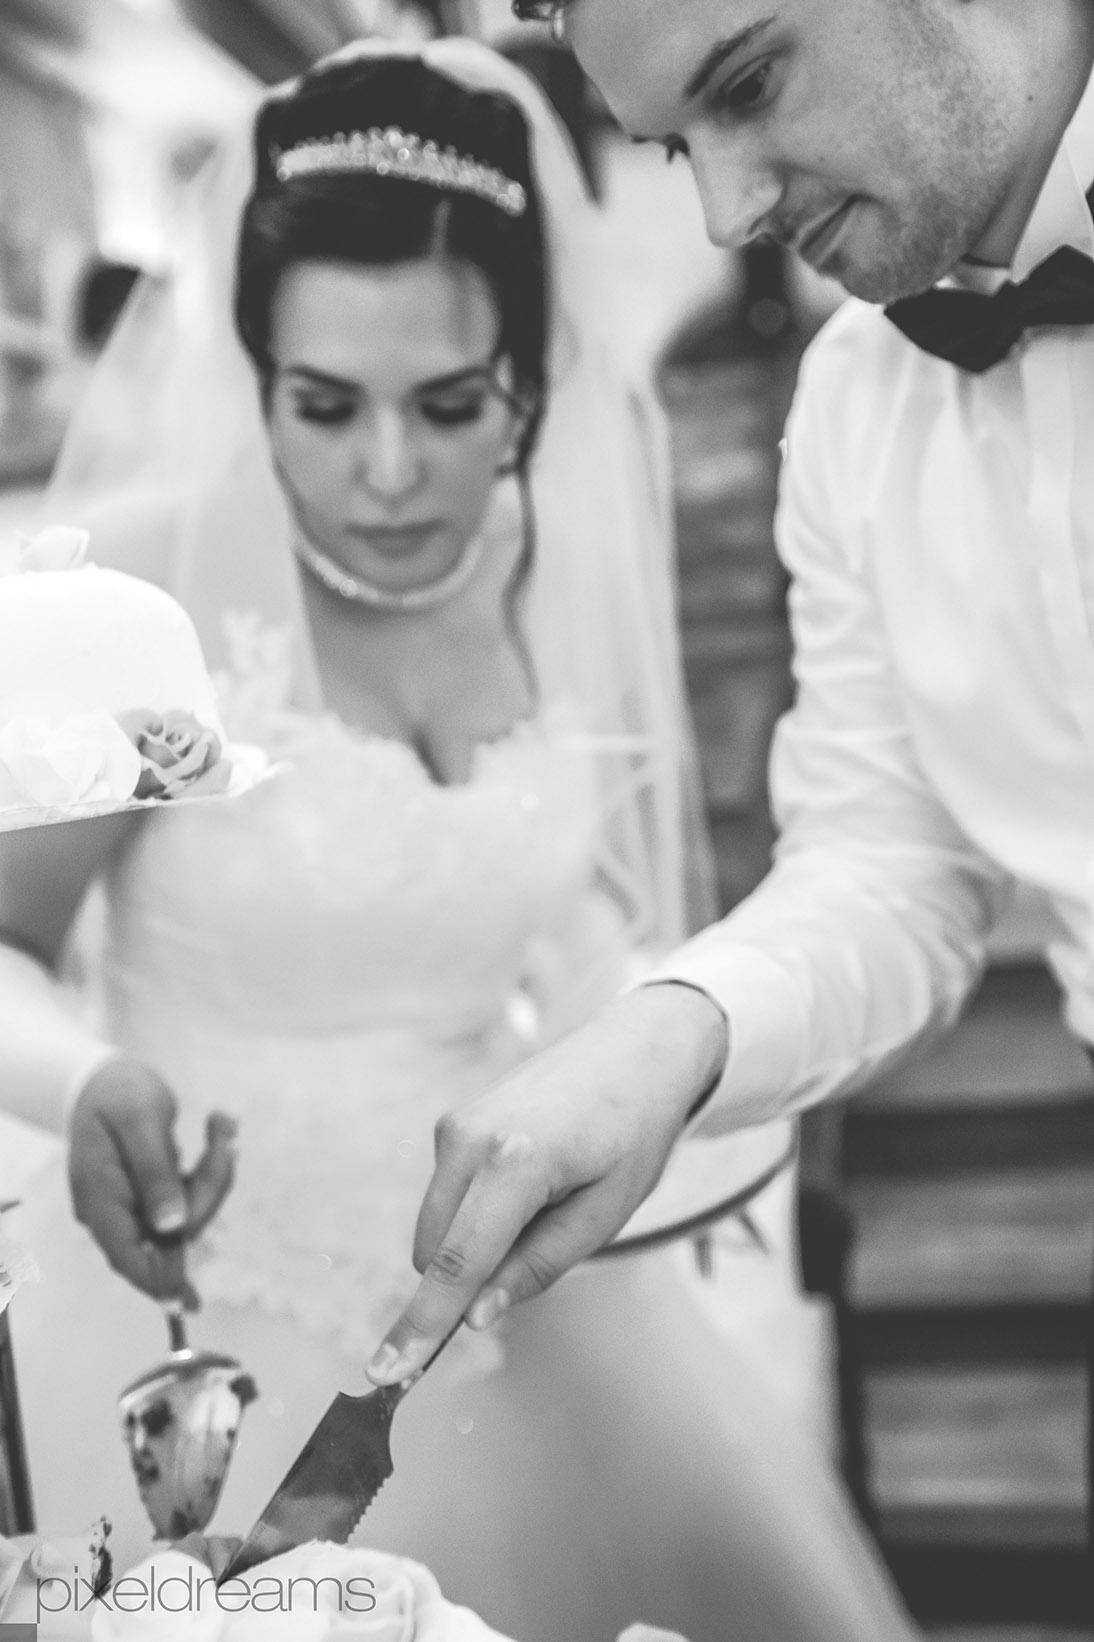 Hochzeitstorte-Hochzeitsfotoreportage-Hochzeitskuchen-Braut-Braeutigam-romantisch-Torte-Hochzeitsfeier-Fotograf-Fotografie